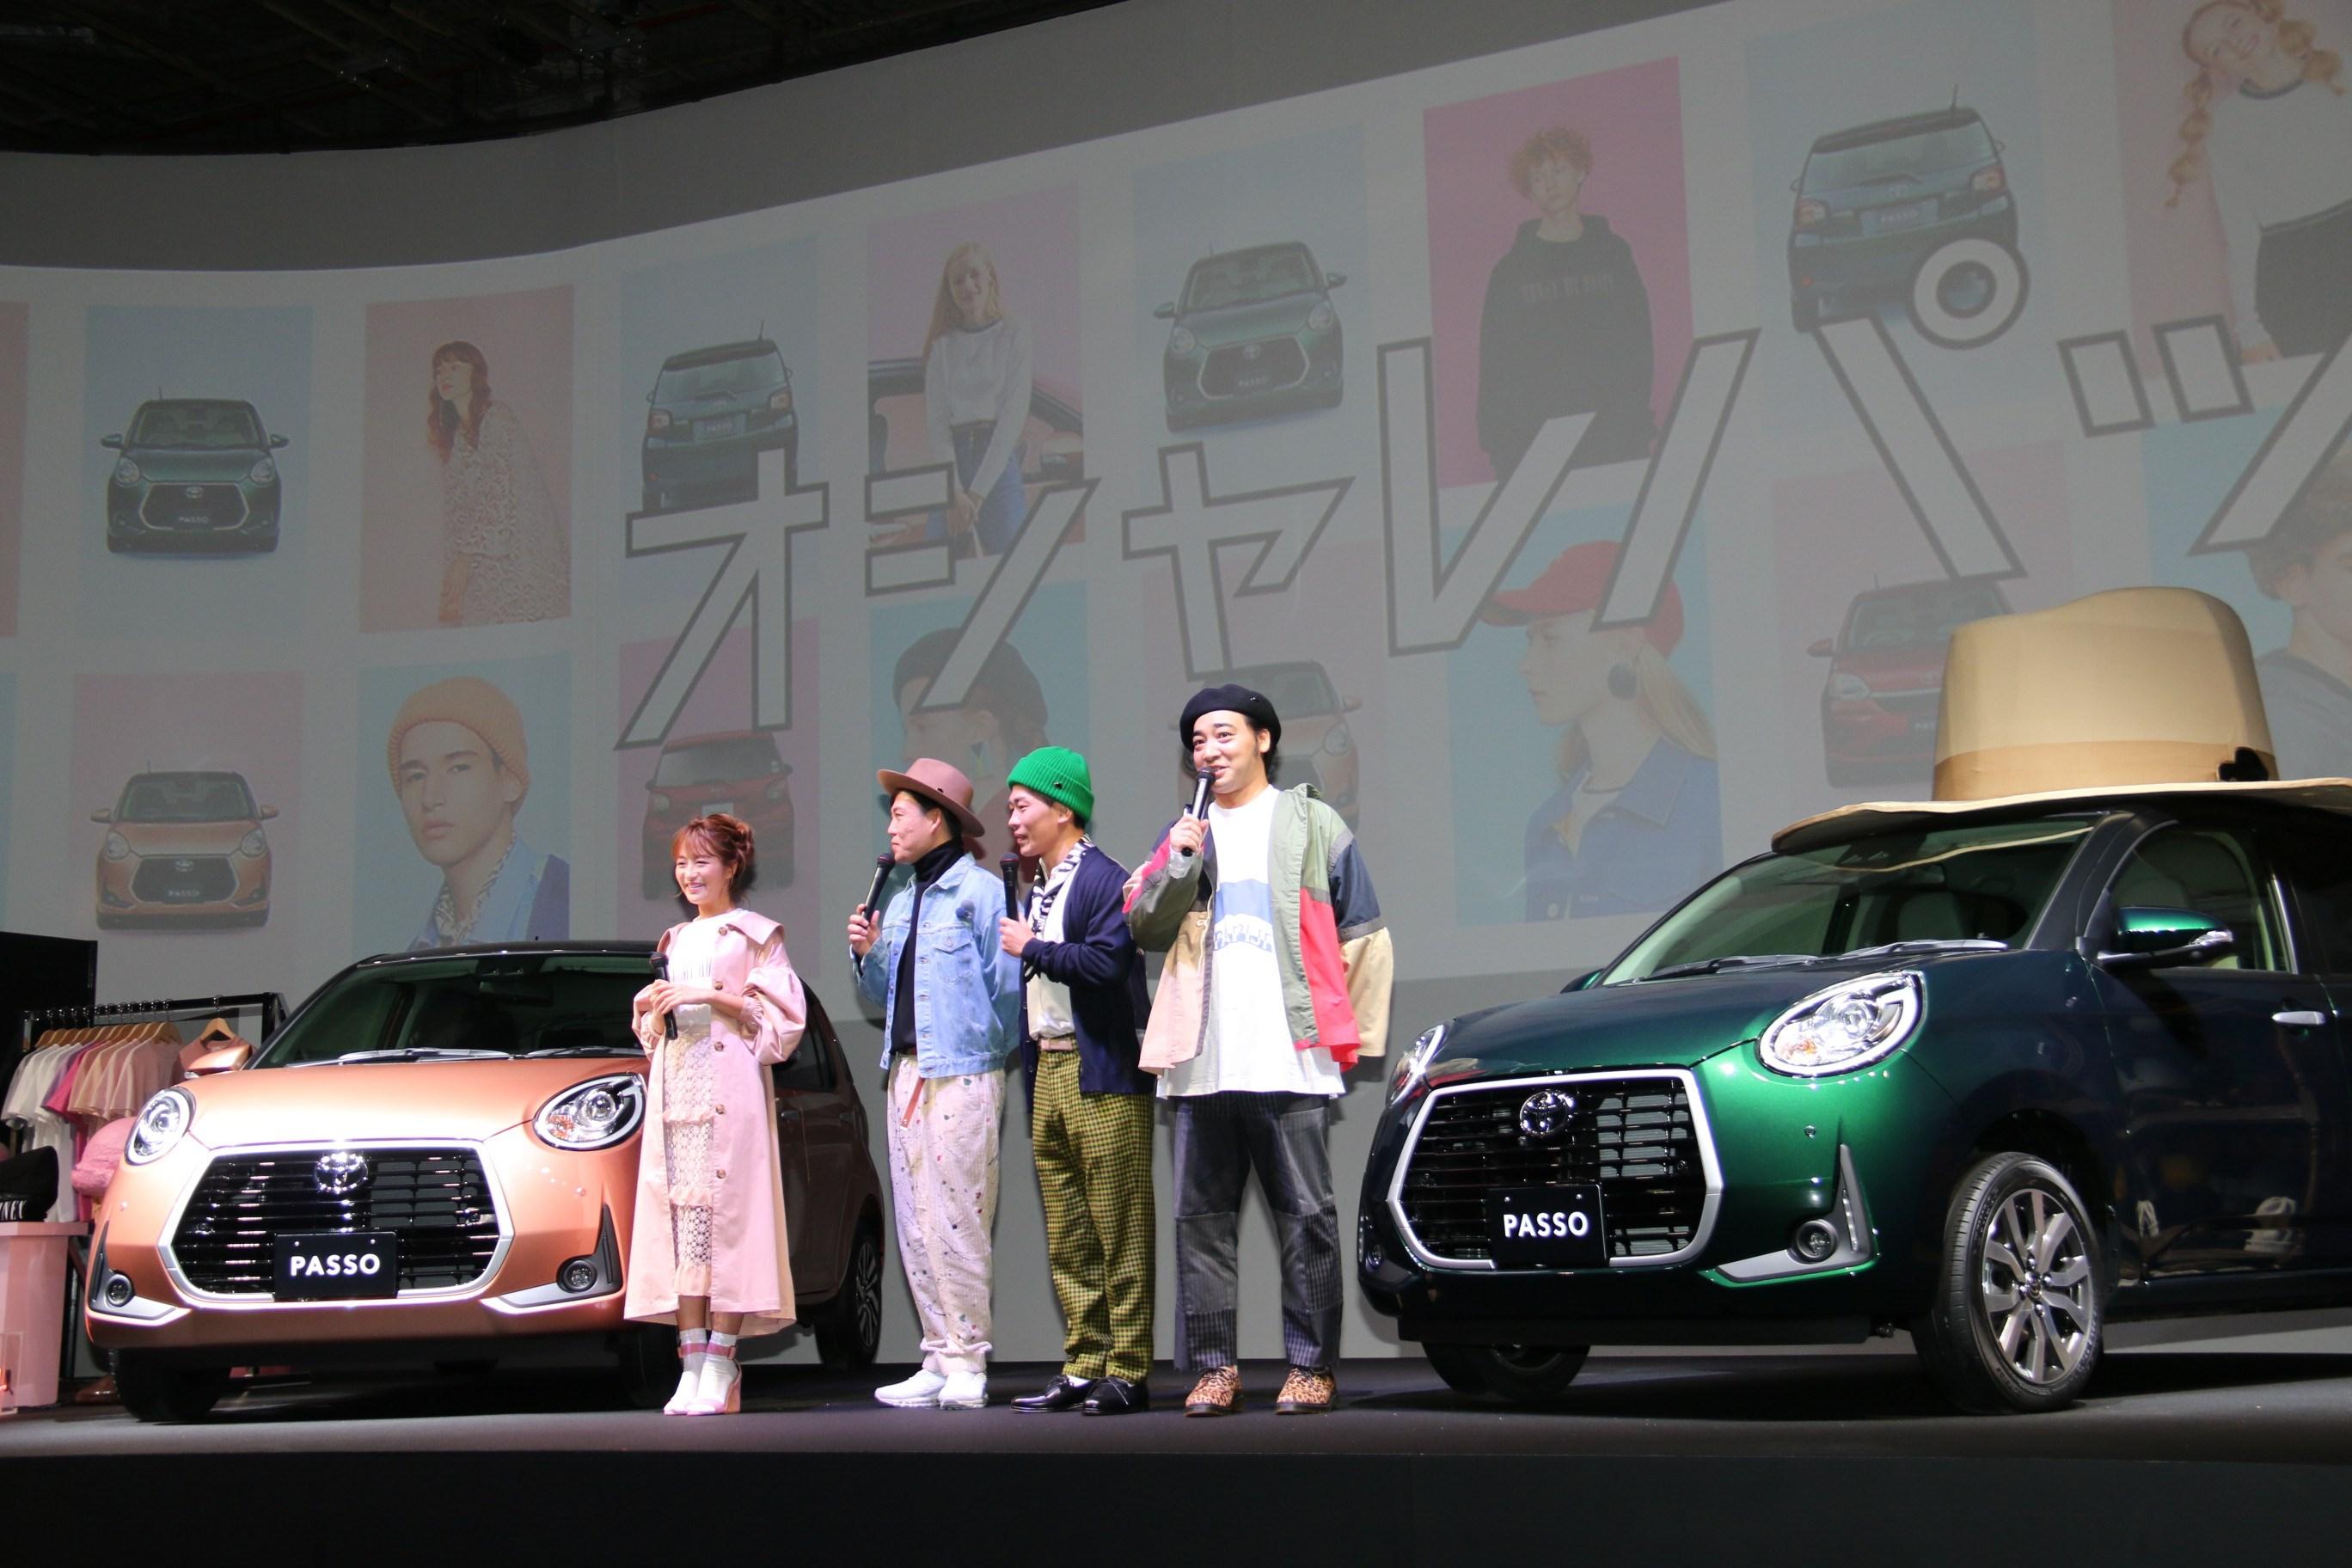 トヨタ、パッソをマイナーチェンジ デザイン変更&安全性をアップ